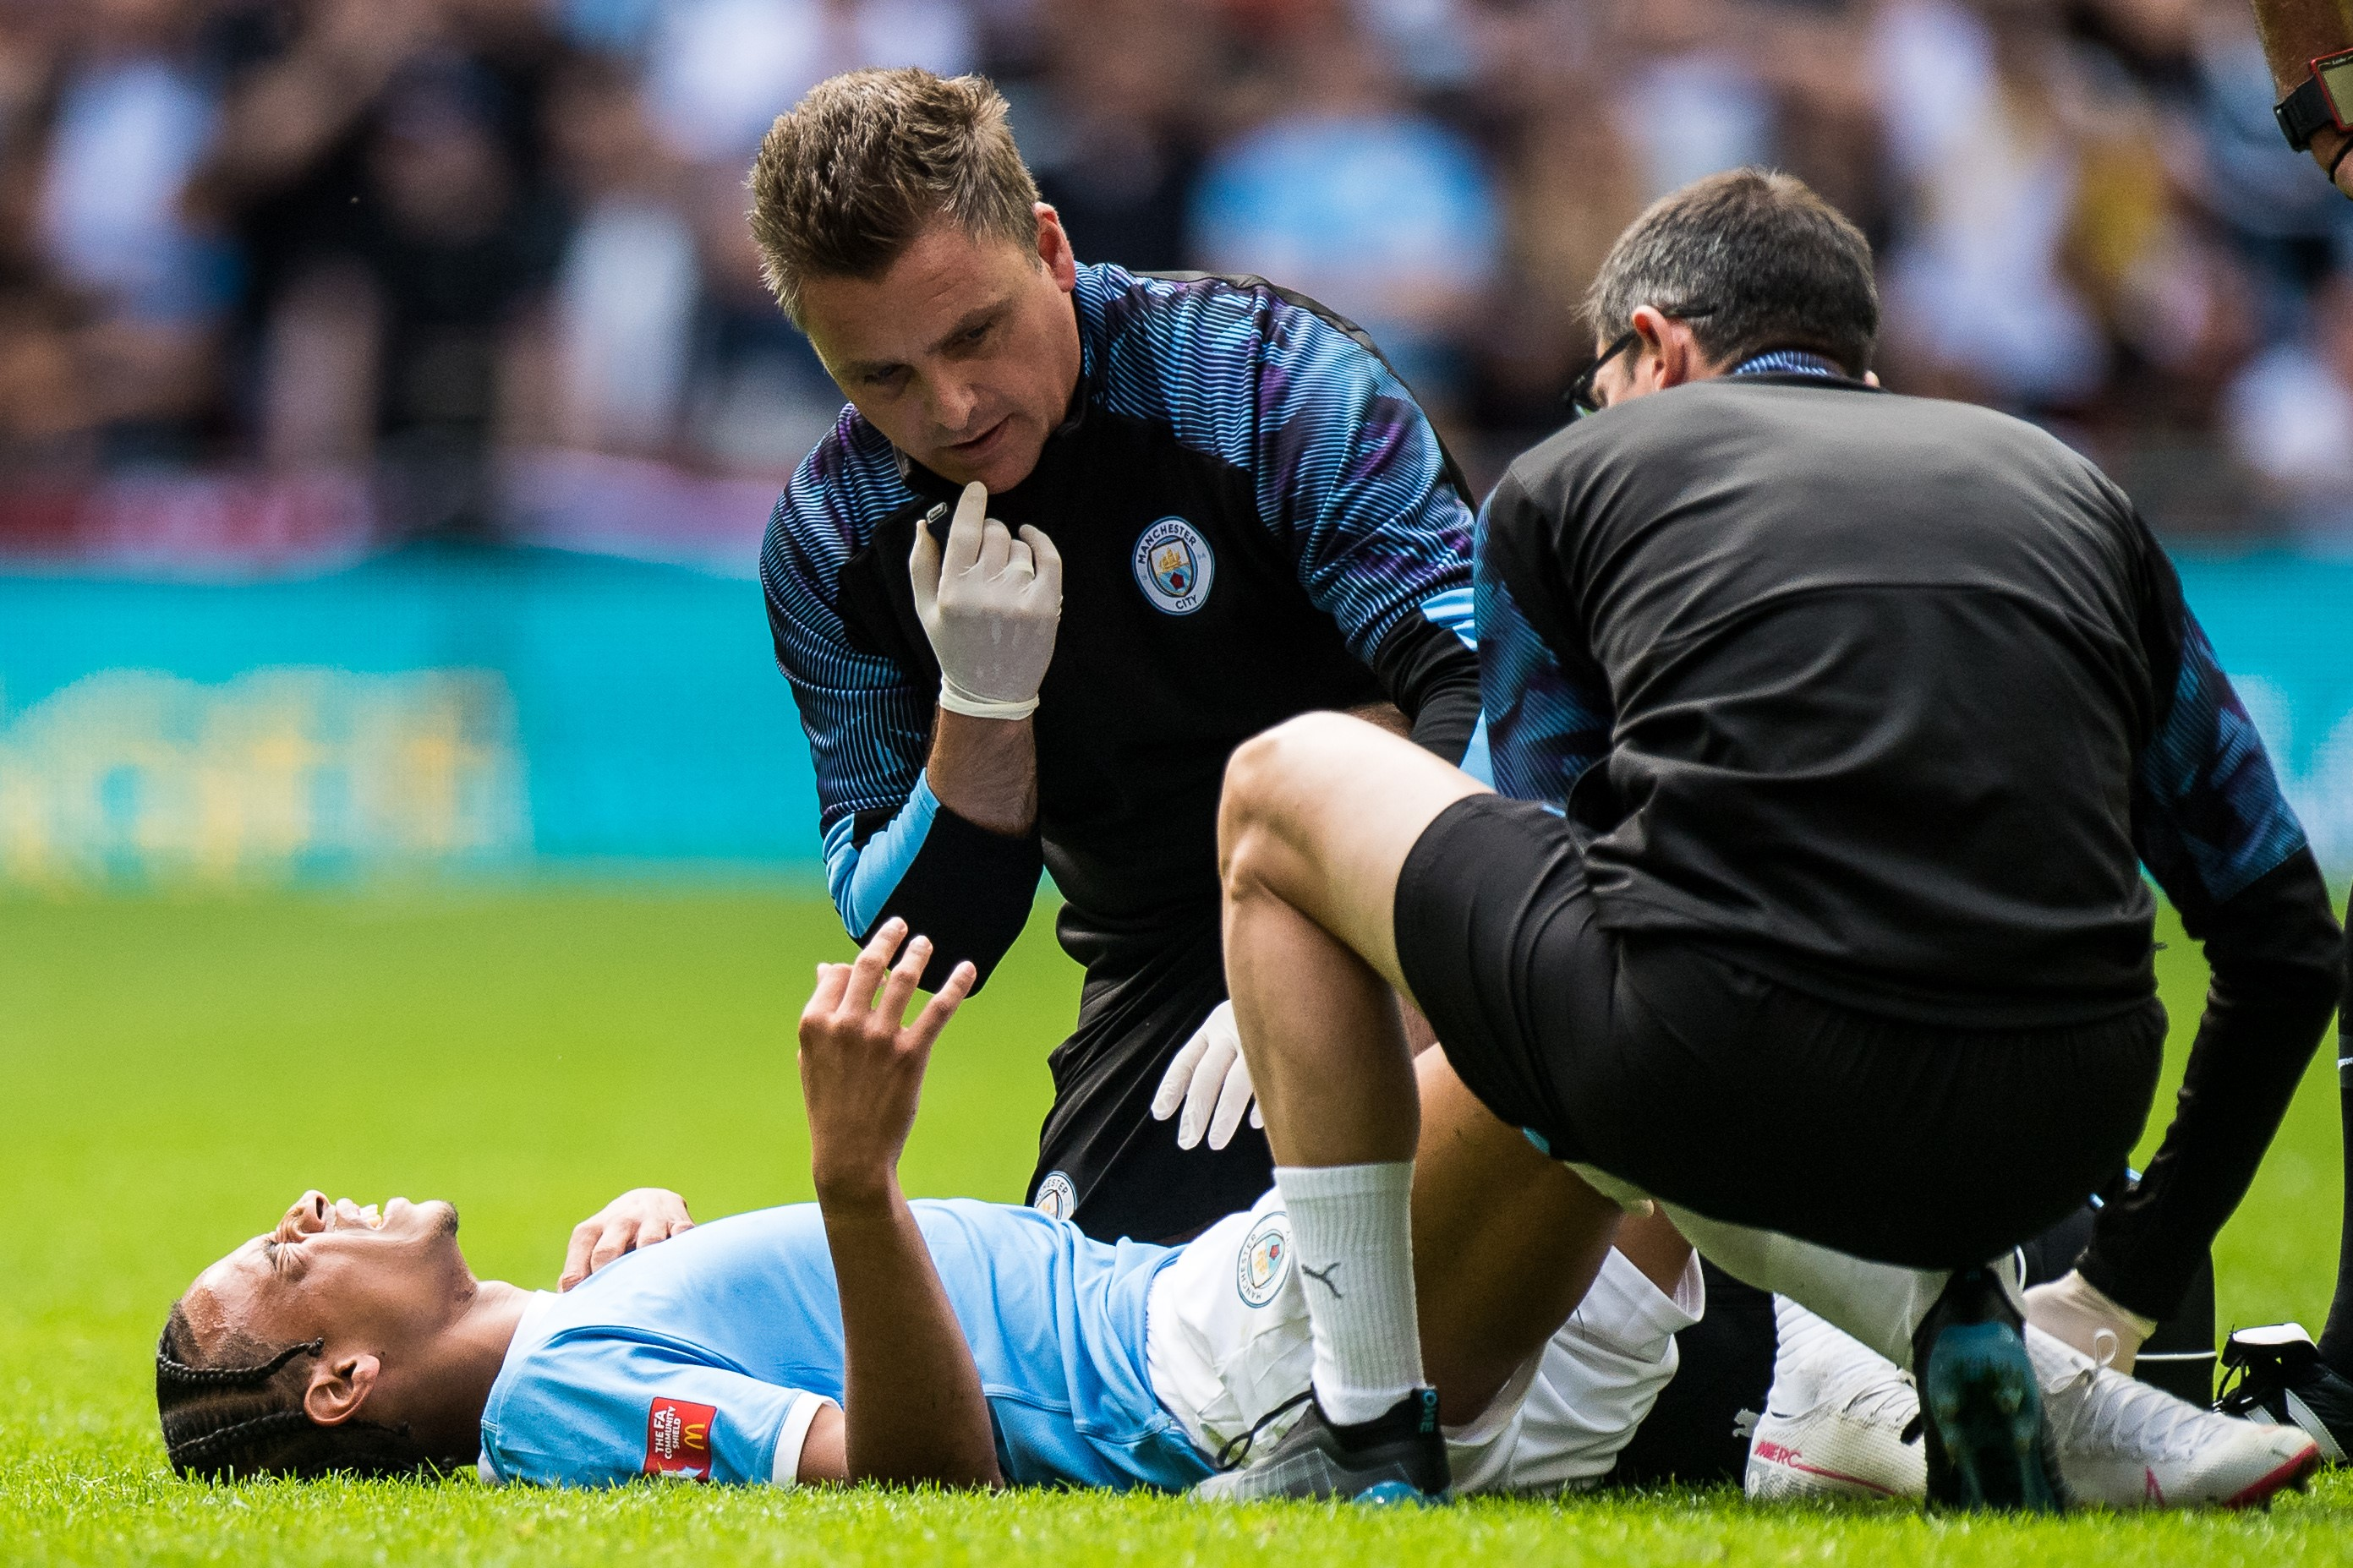 Liverpool ile oynanan Community Shield mücadelesinde sakatlanan Leroy Sane, sezonun bir bölümünü kaçıracak.